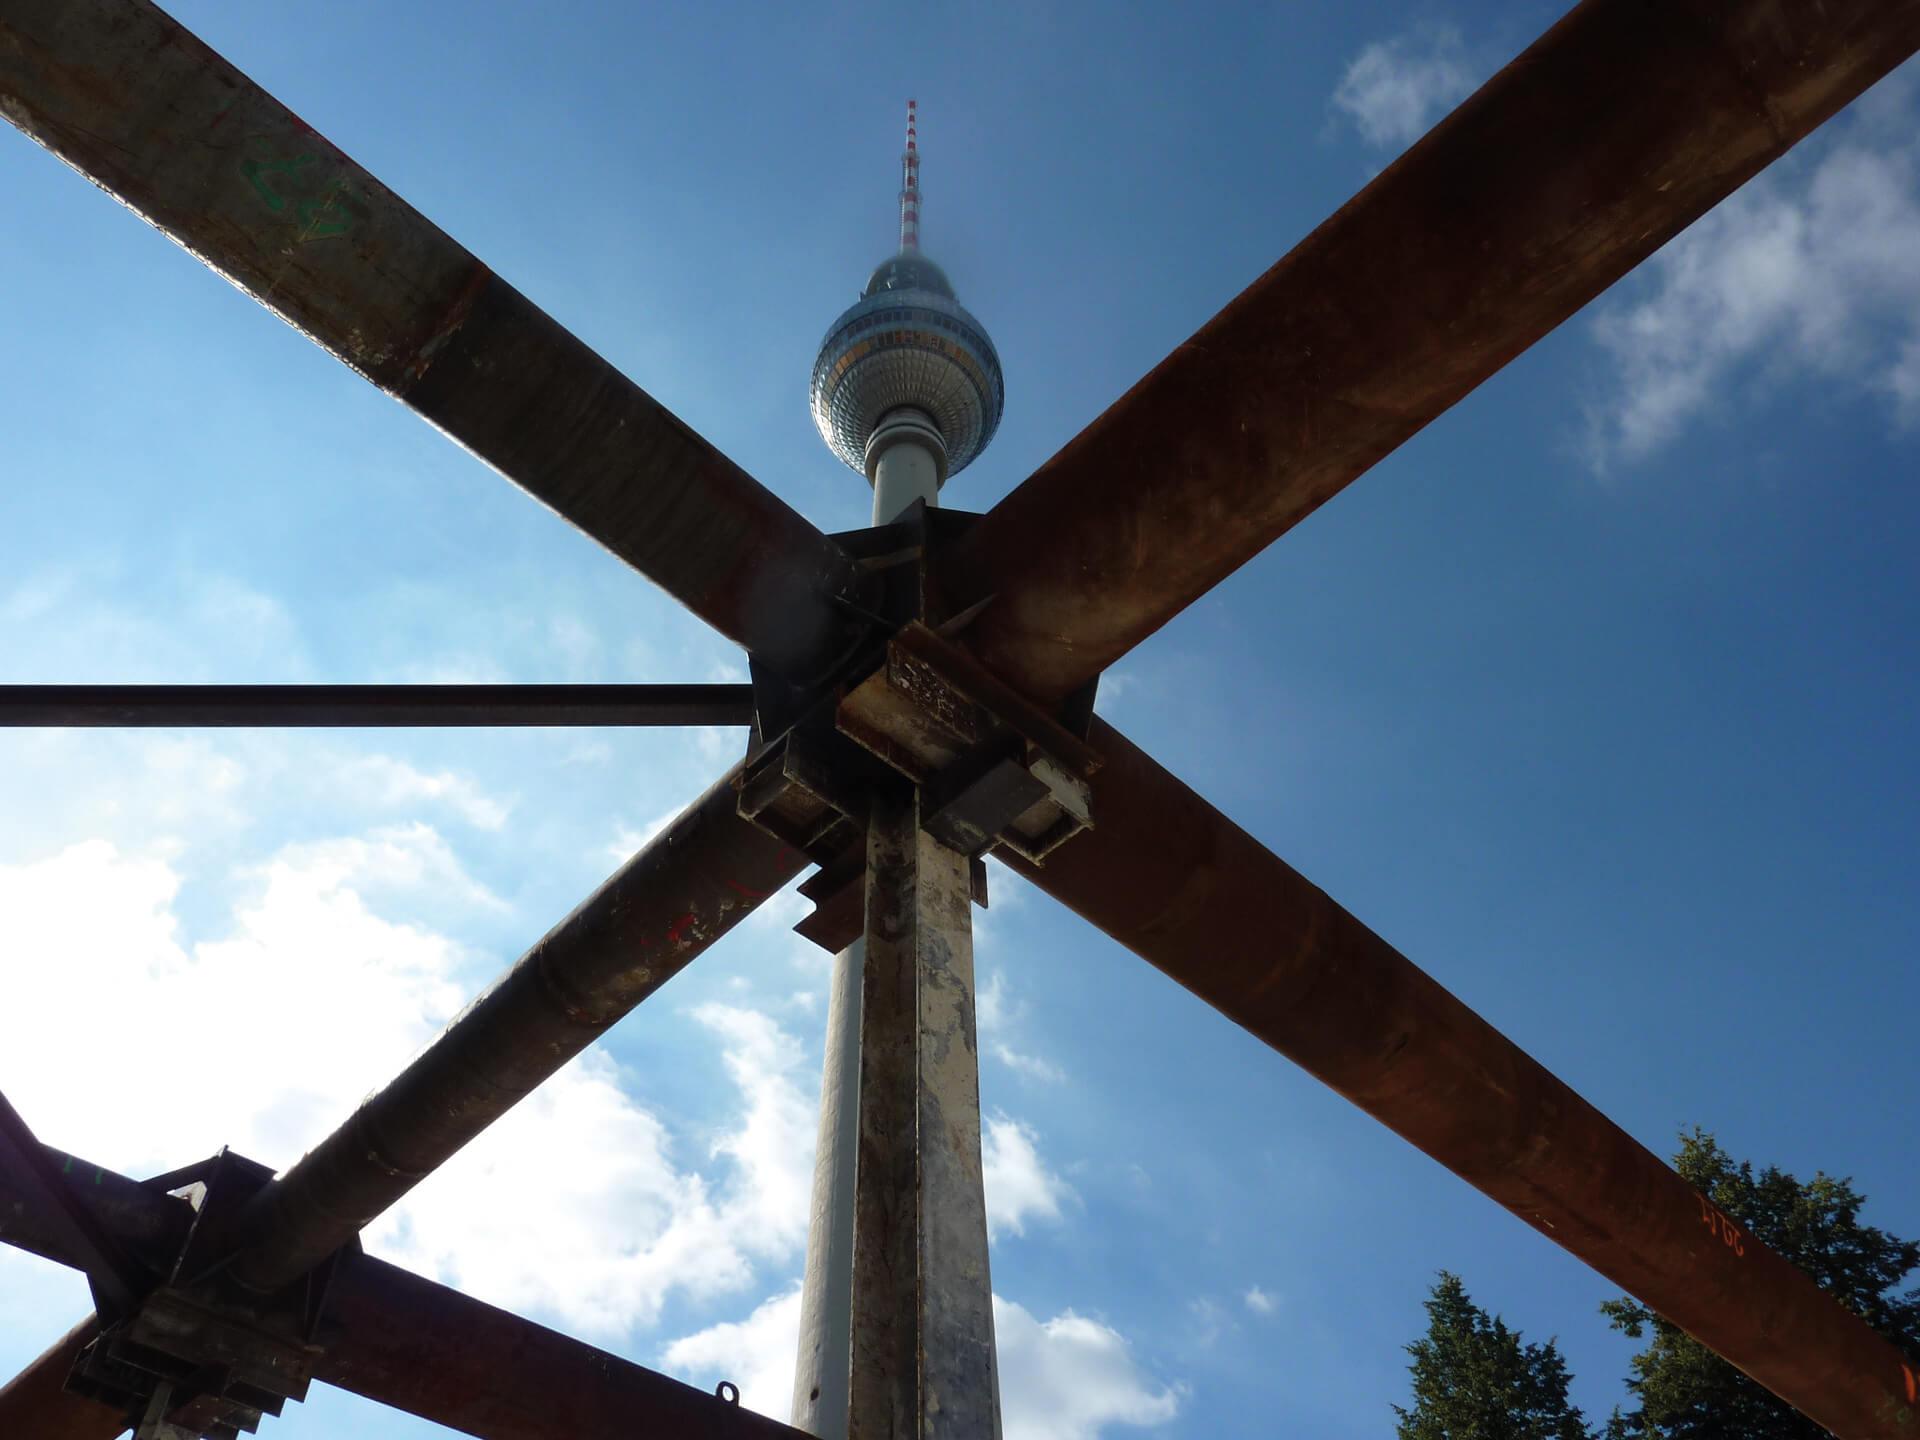 SPECHT KALLEJA + PARTNER BERATENDE INGENIEURE BERLIN